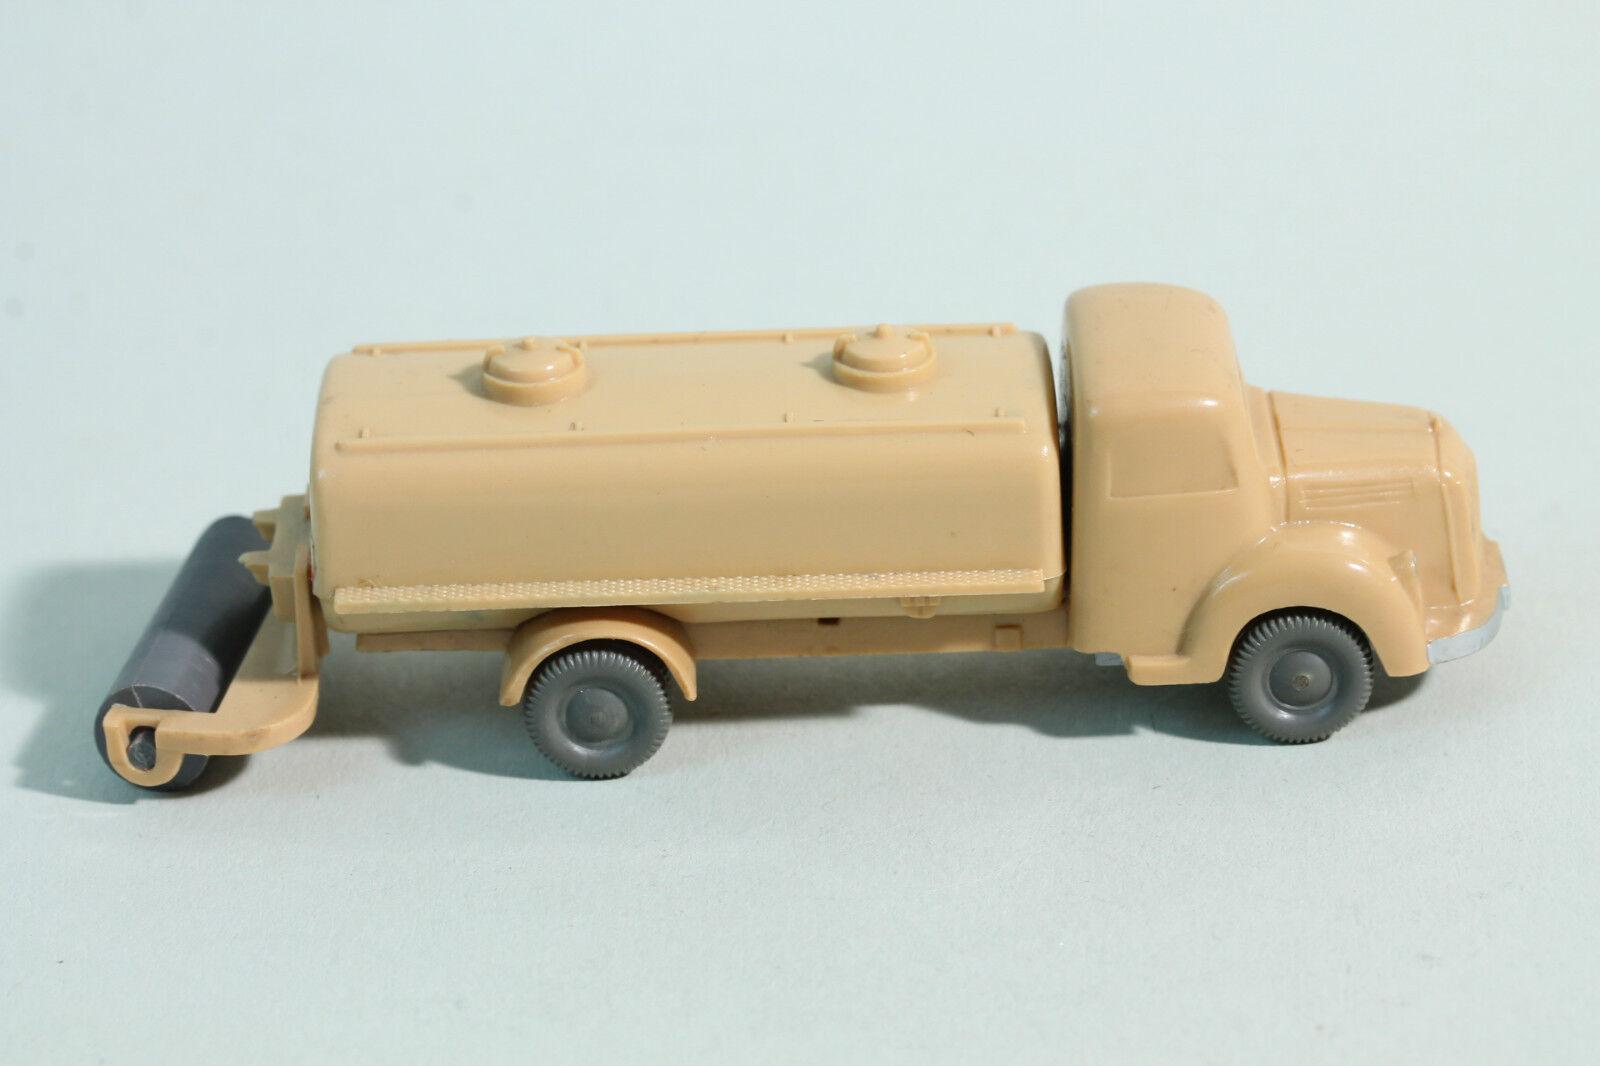 217 Wiking sprengwagen MB 3500 1955 - 1958